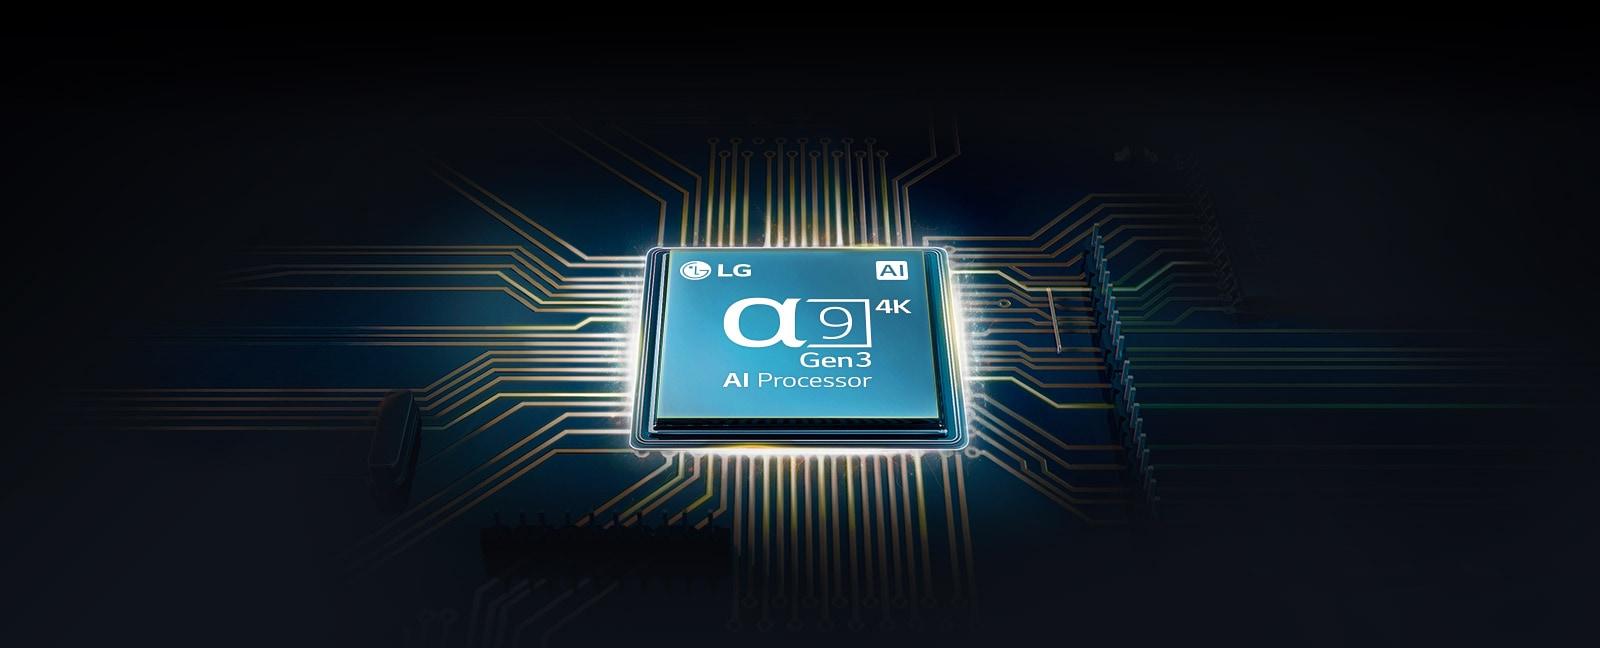 LG OLED65CXPTA  a9 gen processor